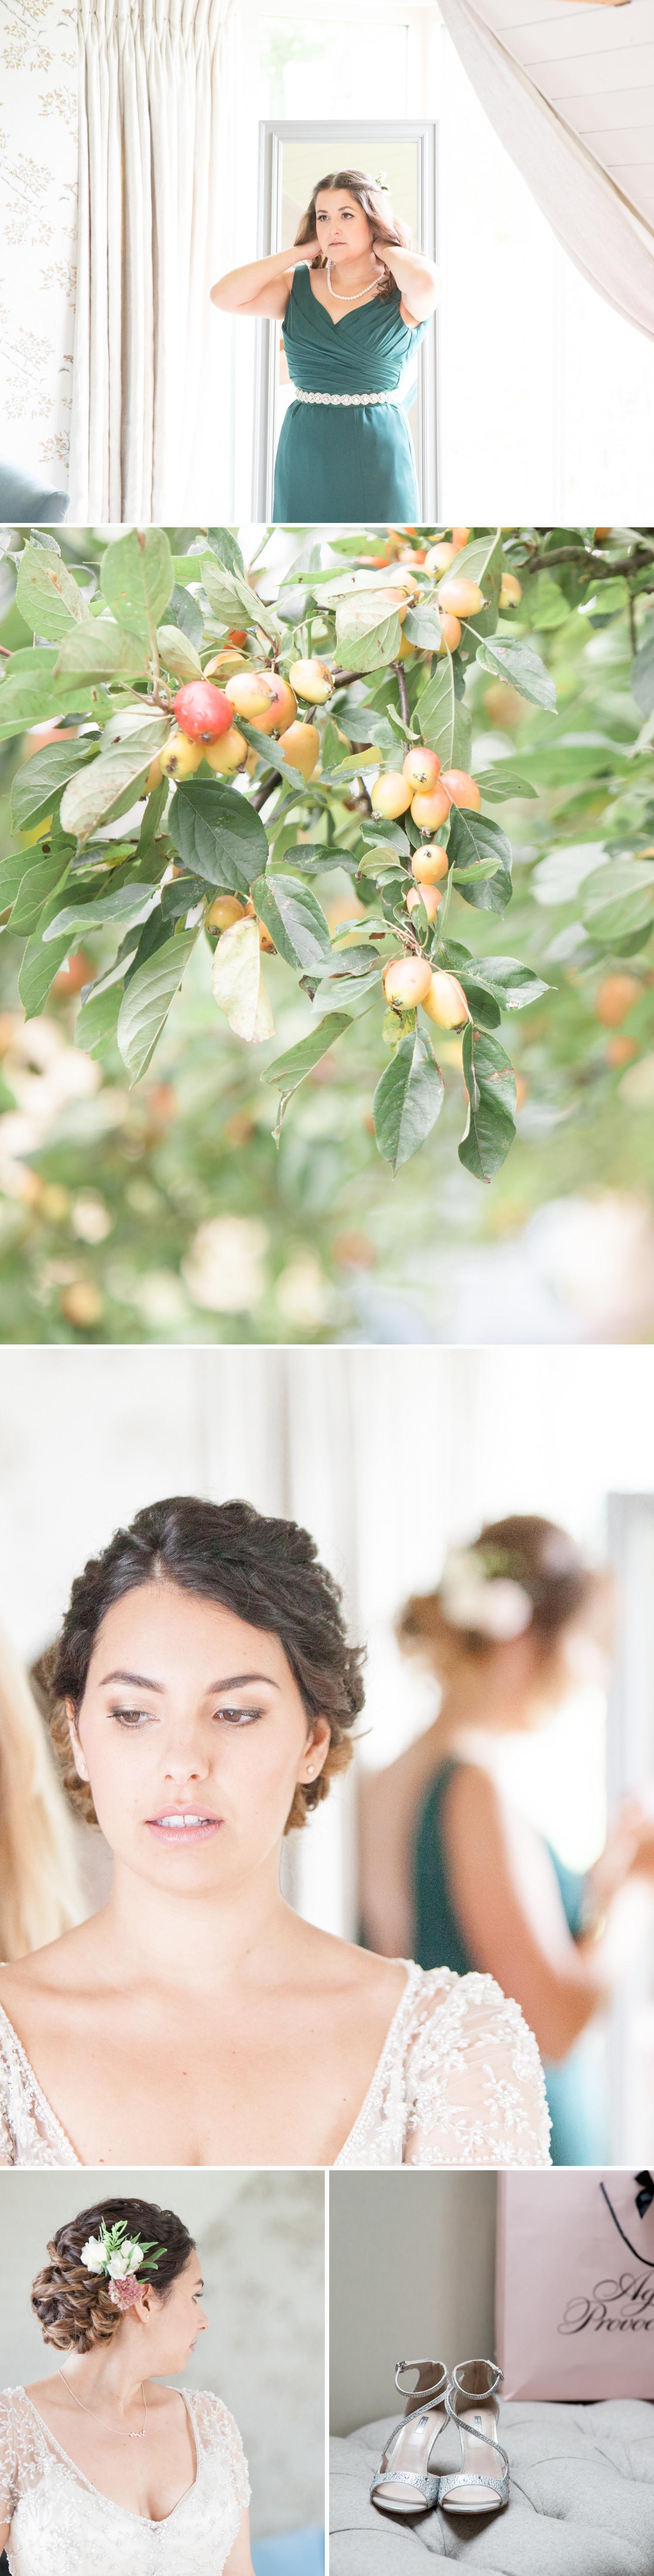 South Farm, Royston Wedding